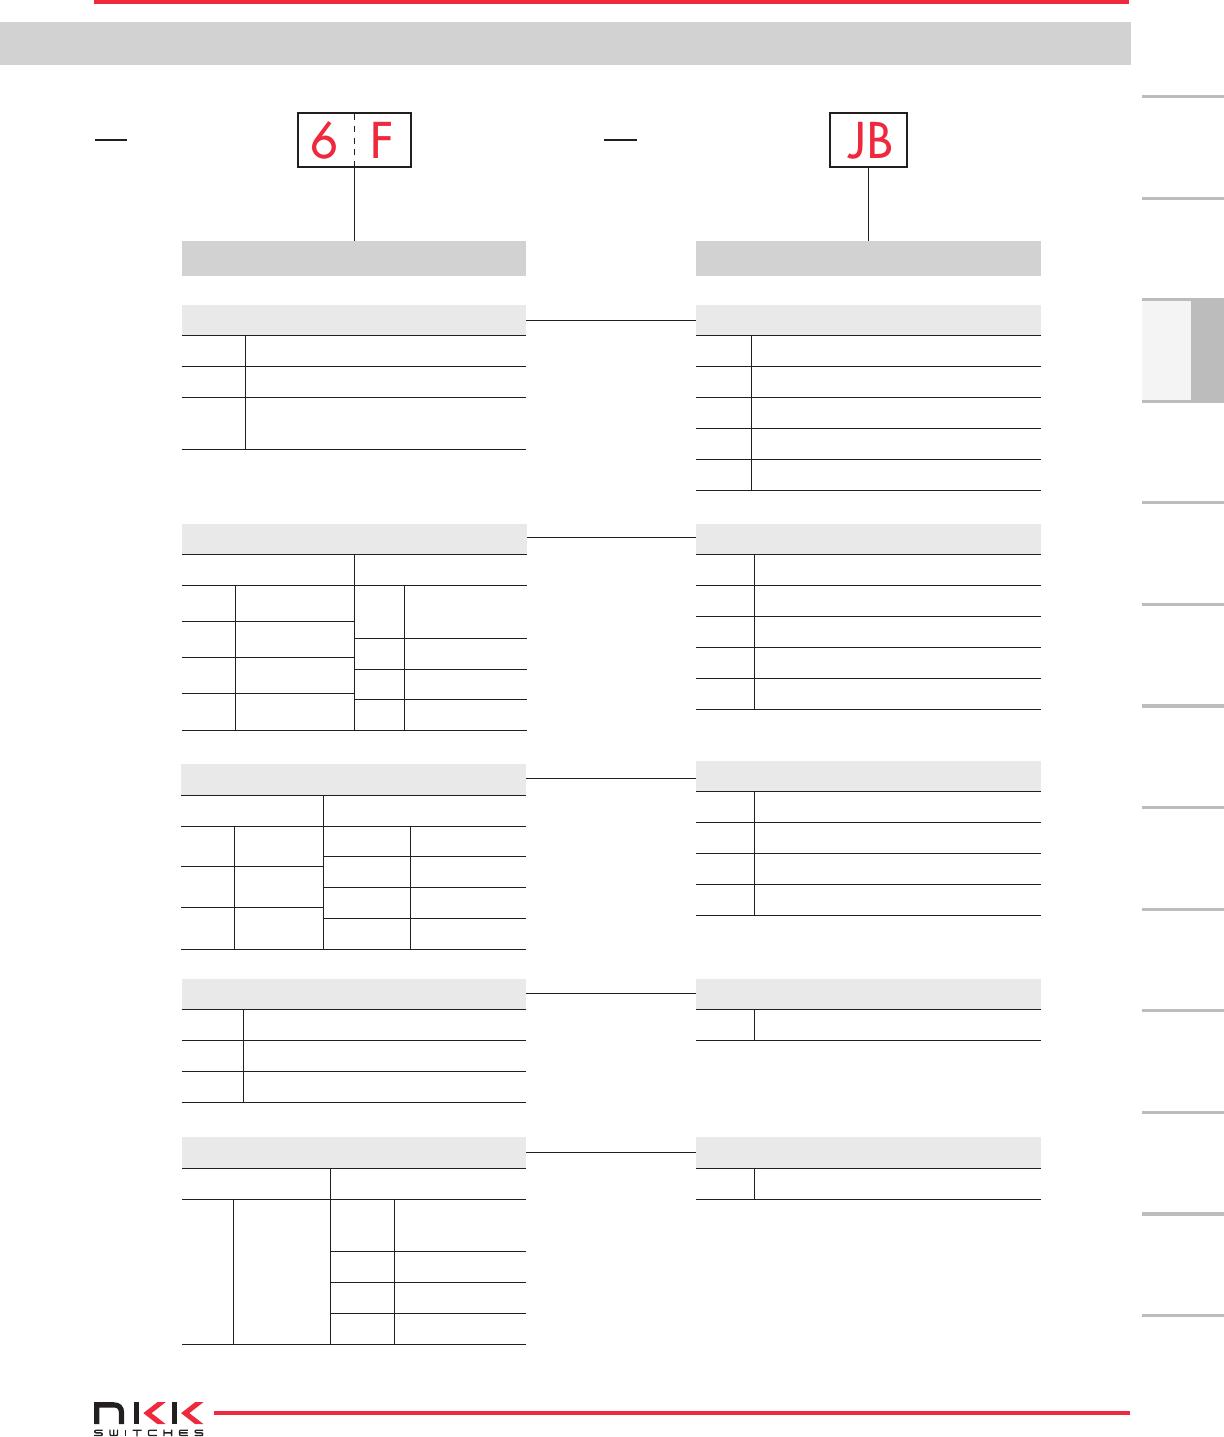 Yb Series Short Body Pb Datasheet